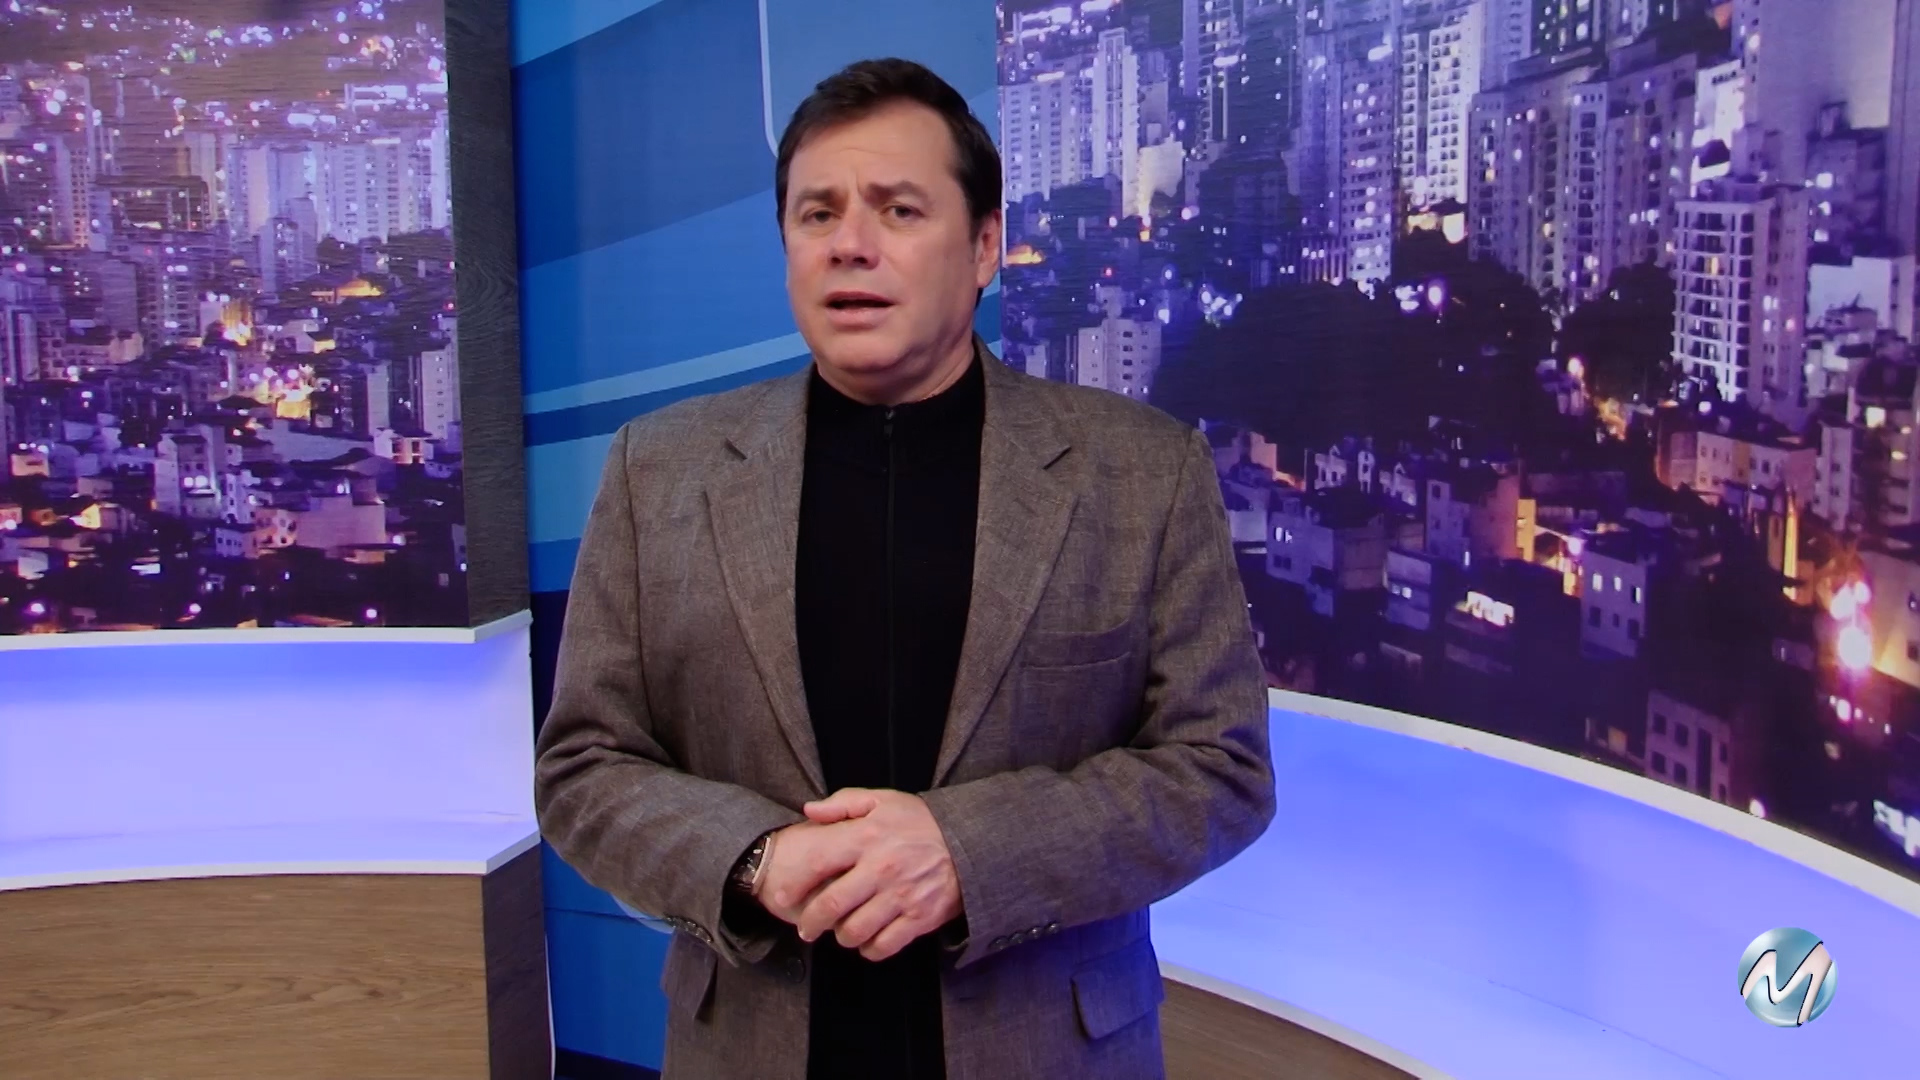 Fatos em Foco – 19/12/2020 – José Luiz Magrão traz as novidades do circuito social